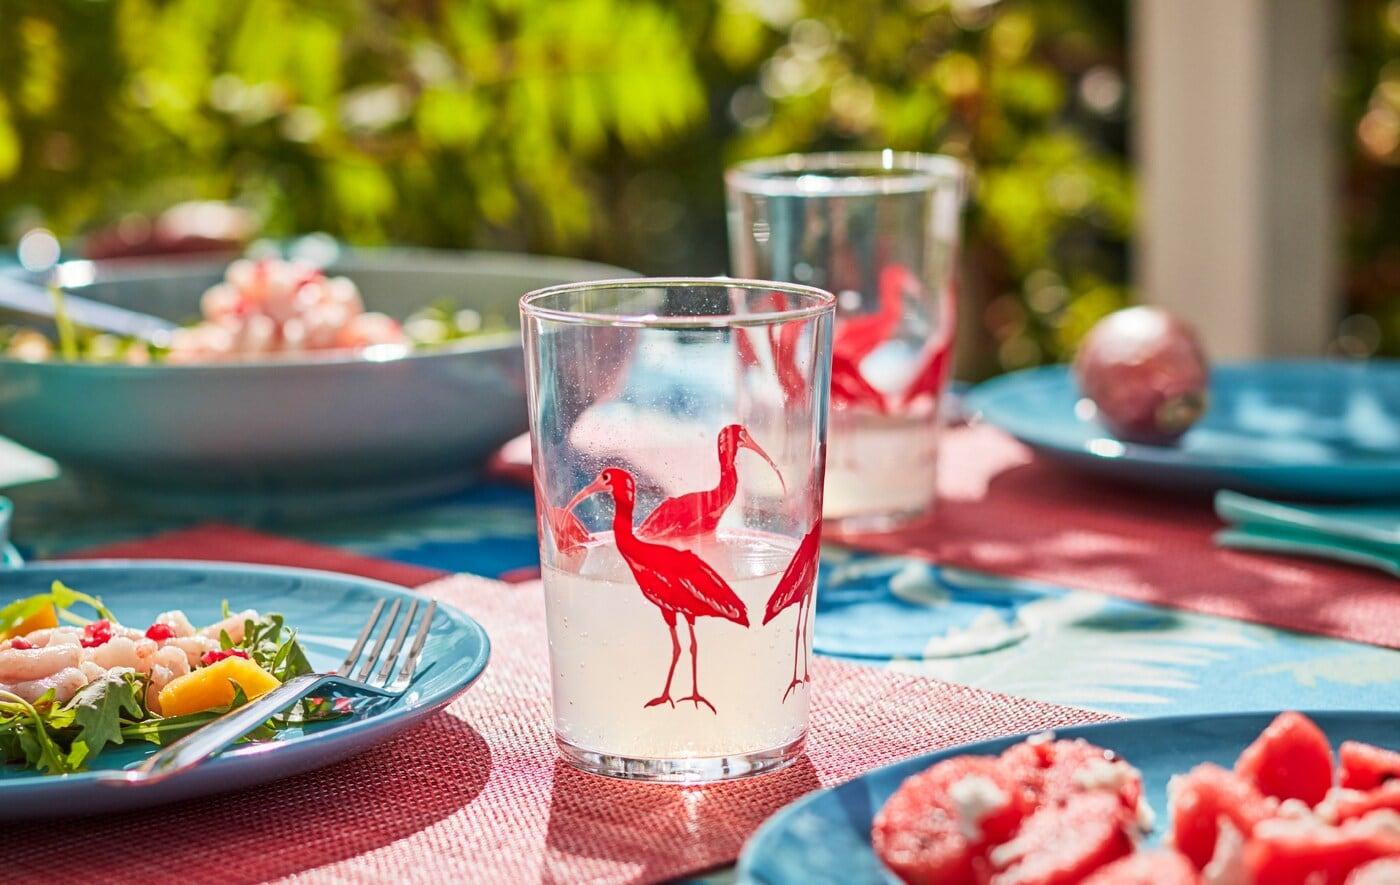 Sluncem zalitý venkovní stůl, na stole jsou skleničky v letních barvách a talíře s jídlem